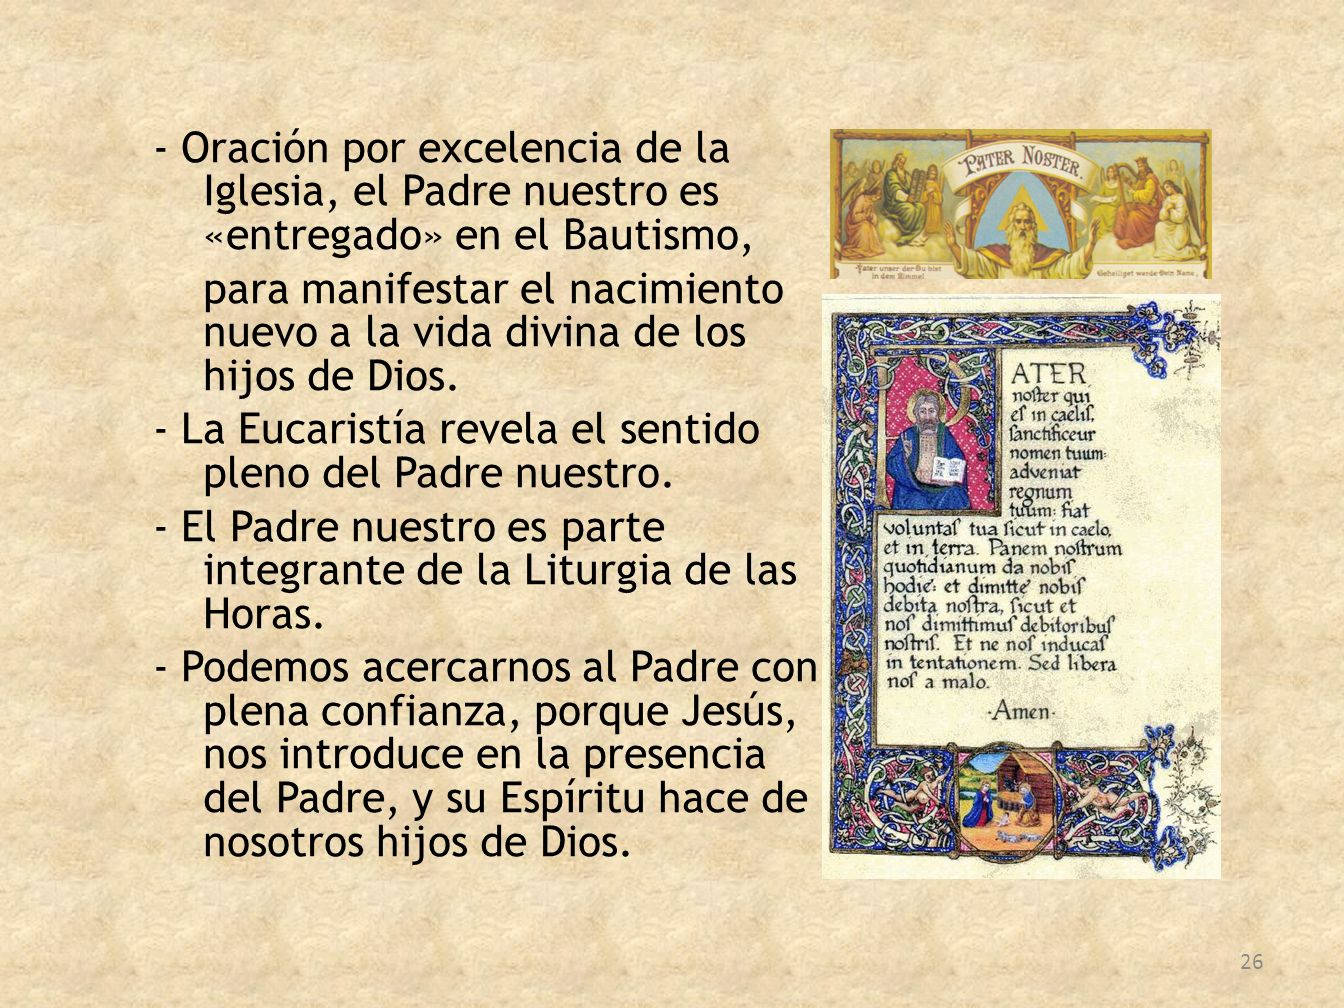 - Oración por excelencia de la Iglesia, el Padre nuestro es «entregado» en el Bautismo, para manifestar el nacimiento nuevo a la vida divina de los hijos de Dios.